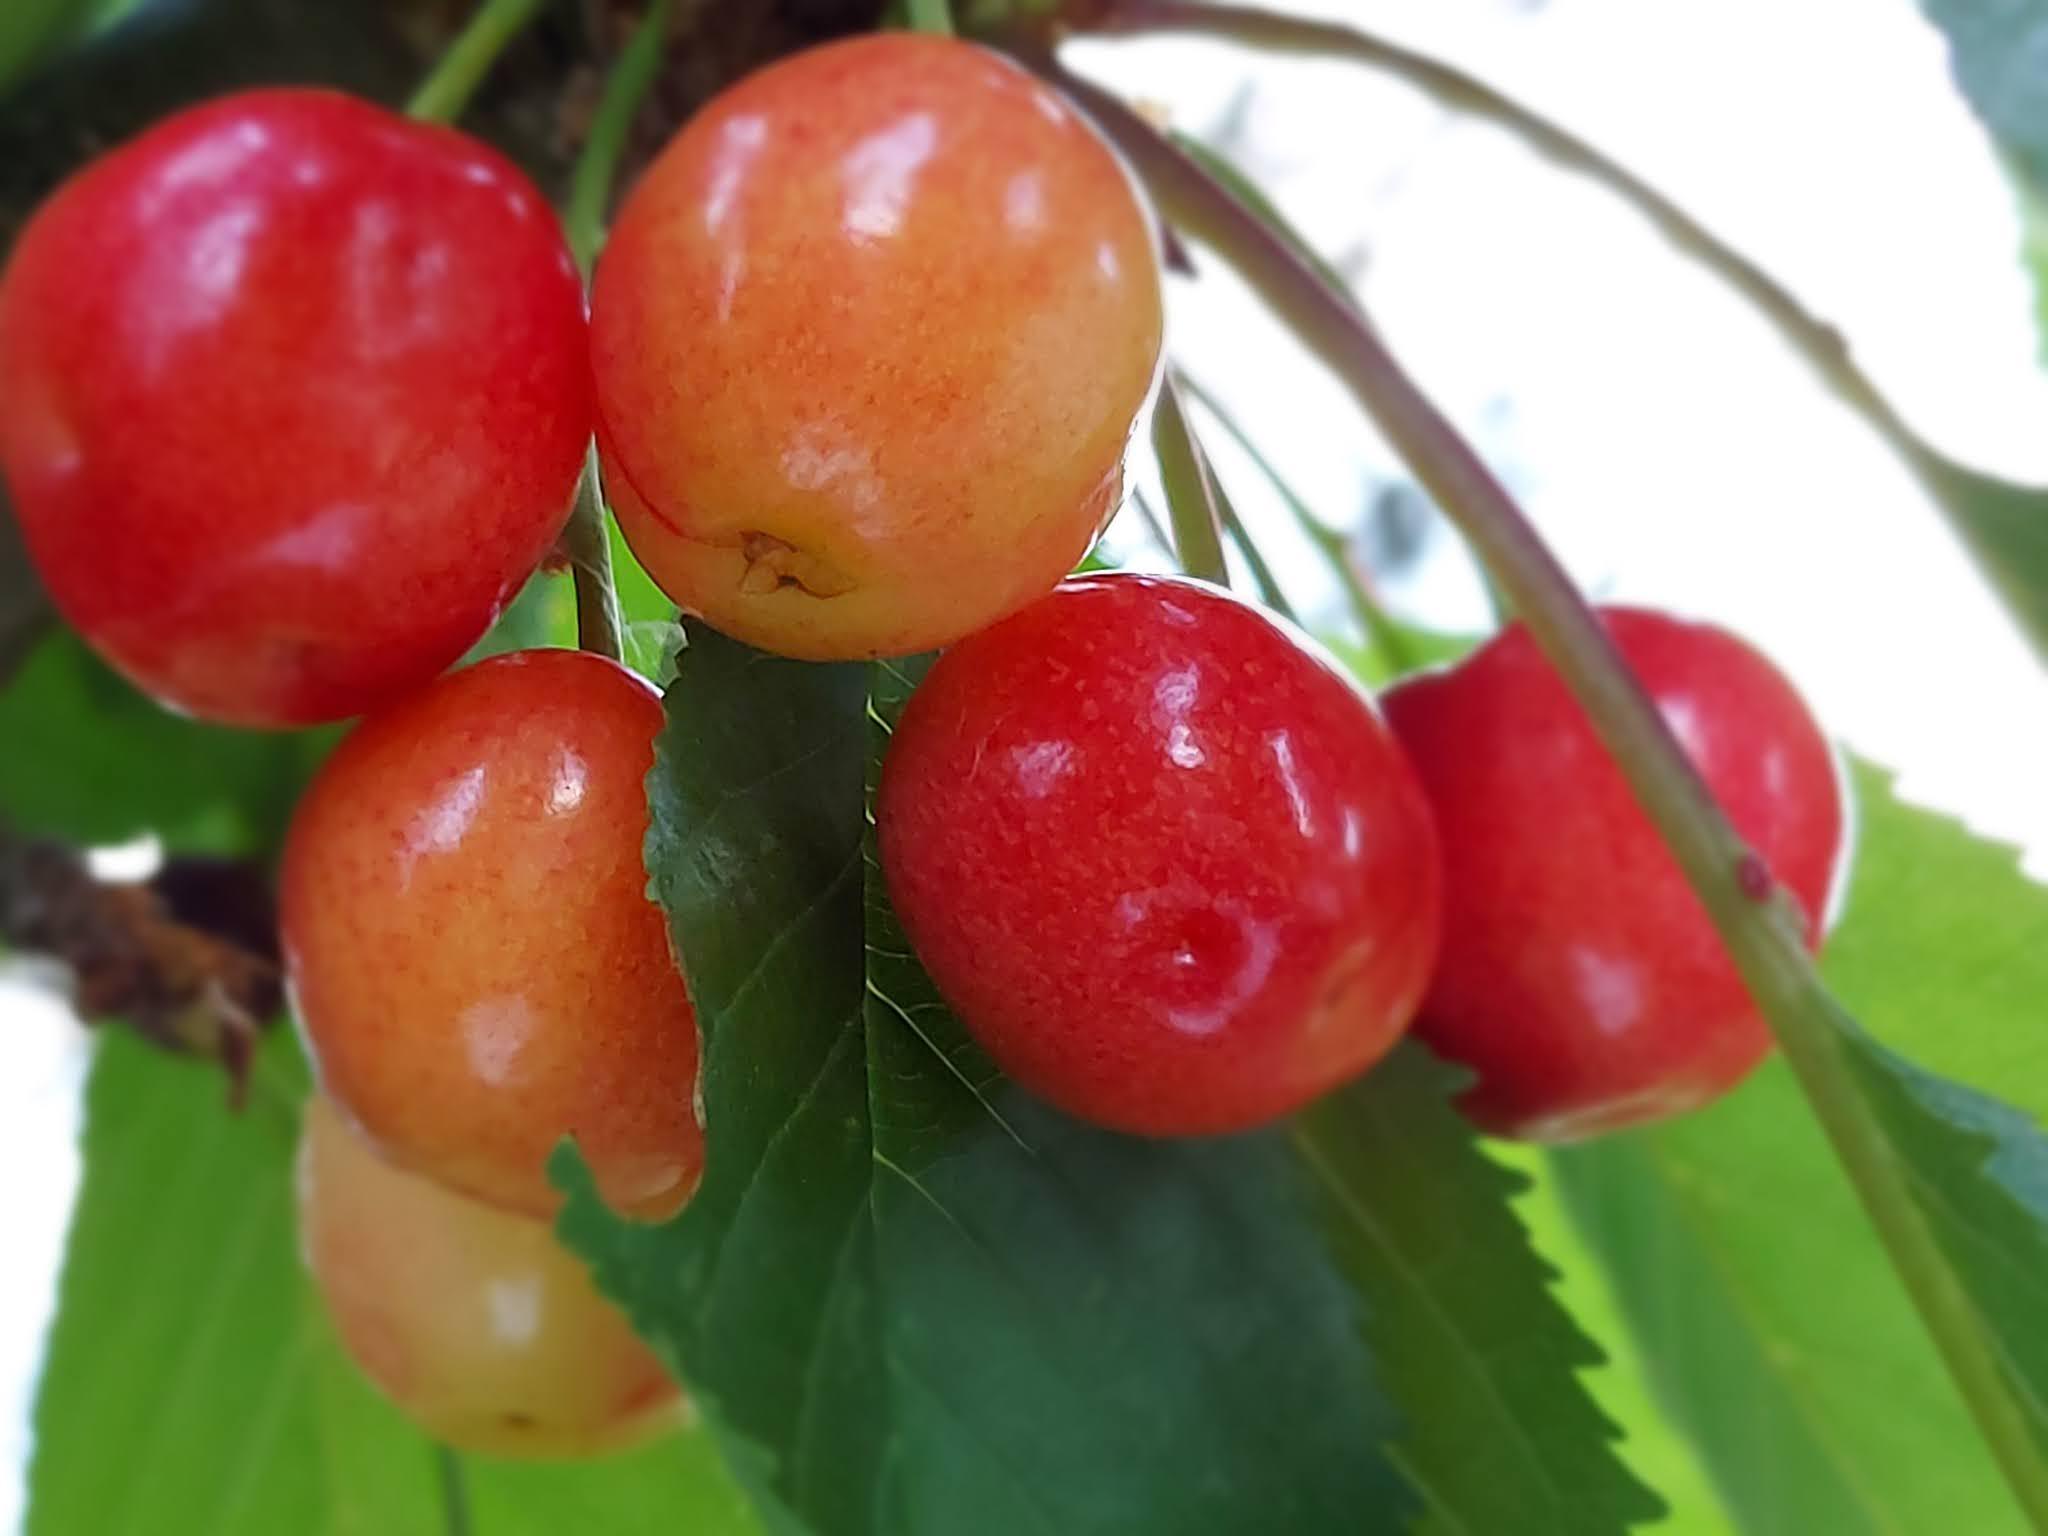 Cherries 🍒